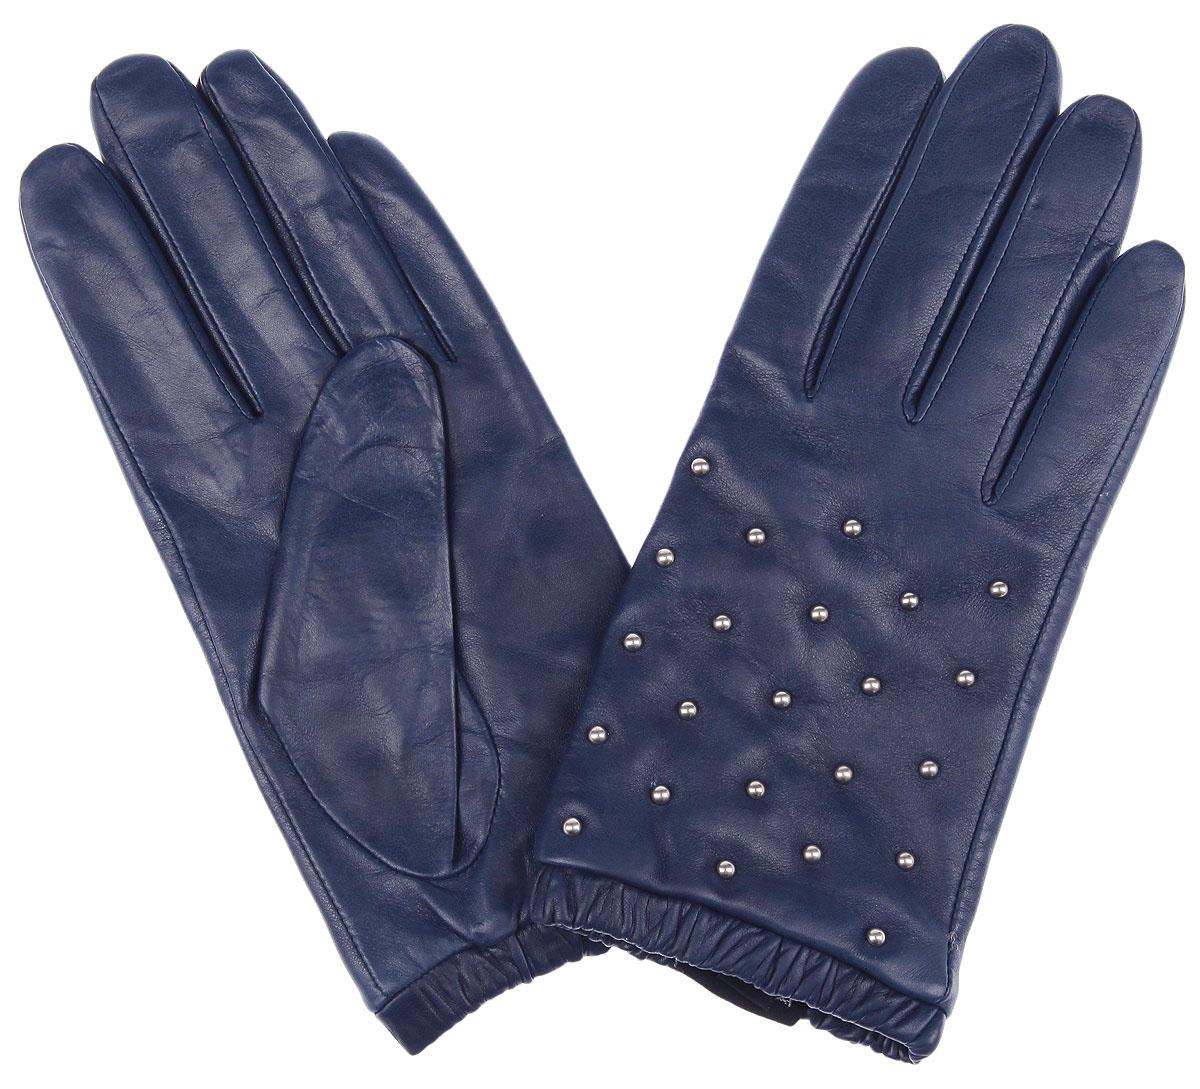 Перчатки женские Fabretti, цвет: синий. 2.65-11 blue. Размер 82.65-11 blueМодные женские перчатки Fabretti выполнены из кожи эфиопского ягненка, а их подкладка - из шерсти с добавлением кашемира. Лицевая сторона украшена металлическими хольнитенами. Манжеты оснащены эластичными резинками для оптимальной посадки модели на руке.Перчатки станут завершающим и подчеркивающим элементом вашего стиля инеповторимости.